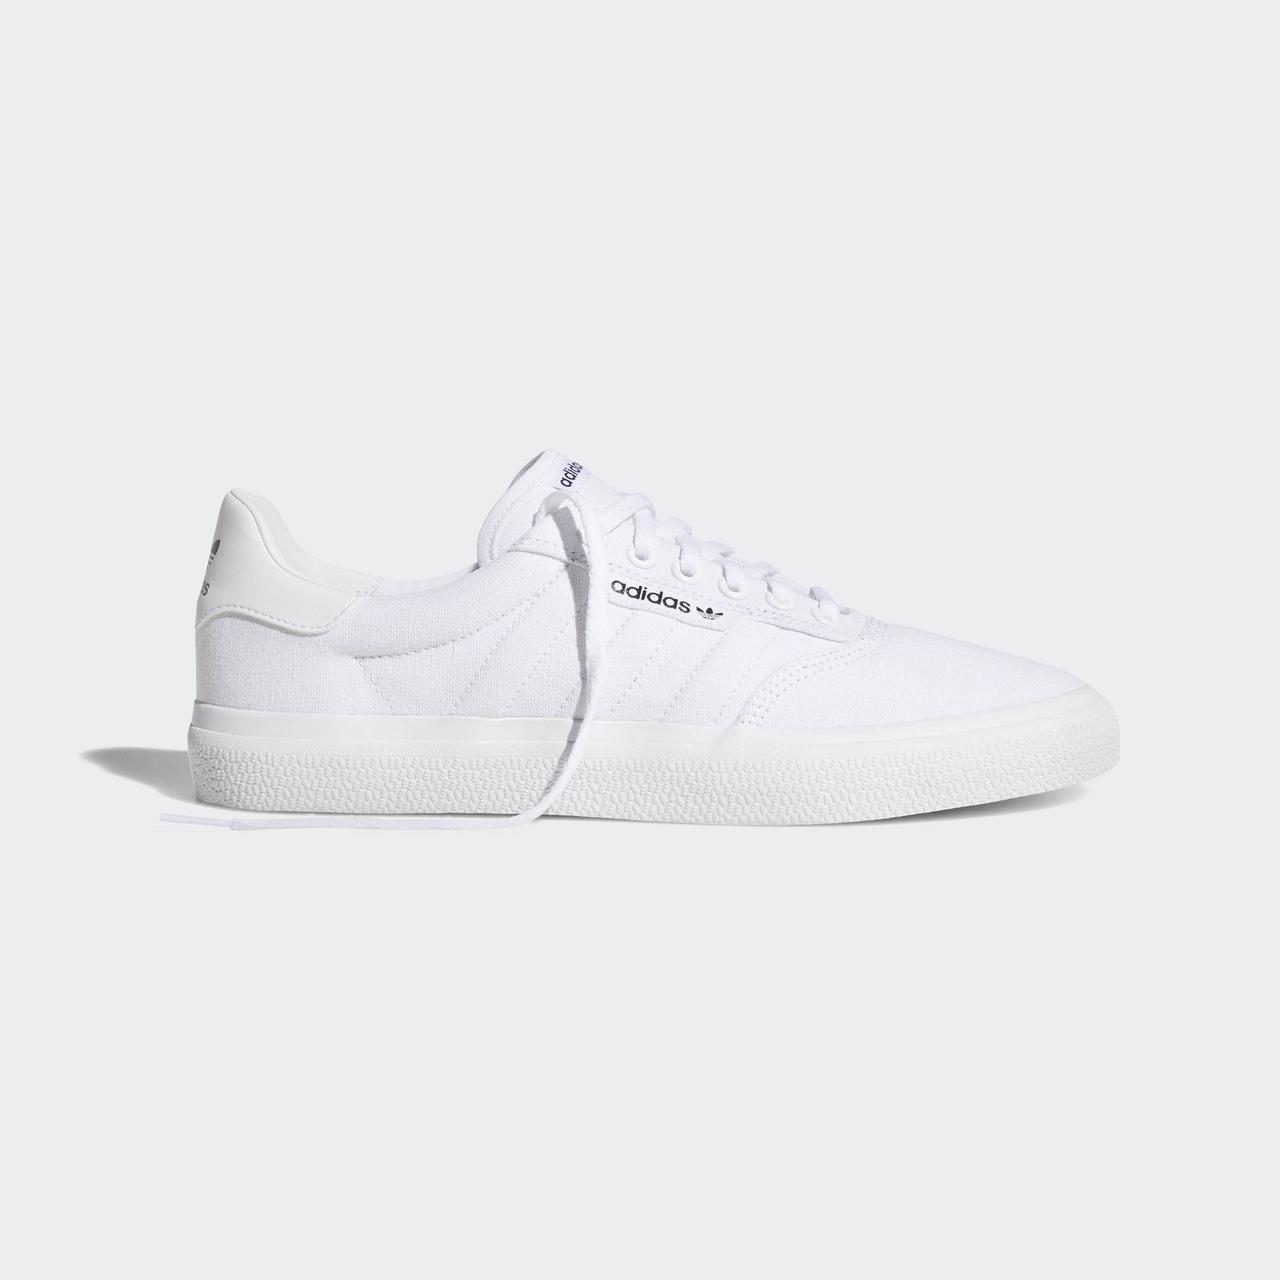 3c0dc8d4 Кеды мужские Adidas 3MC Vulc B22705 - 2018/2 - Интернет магазин Tip - все